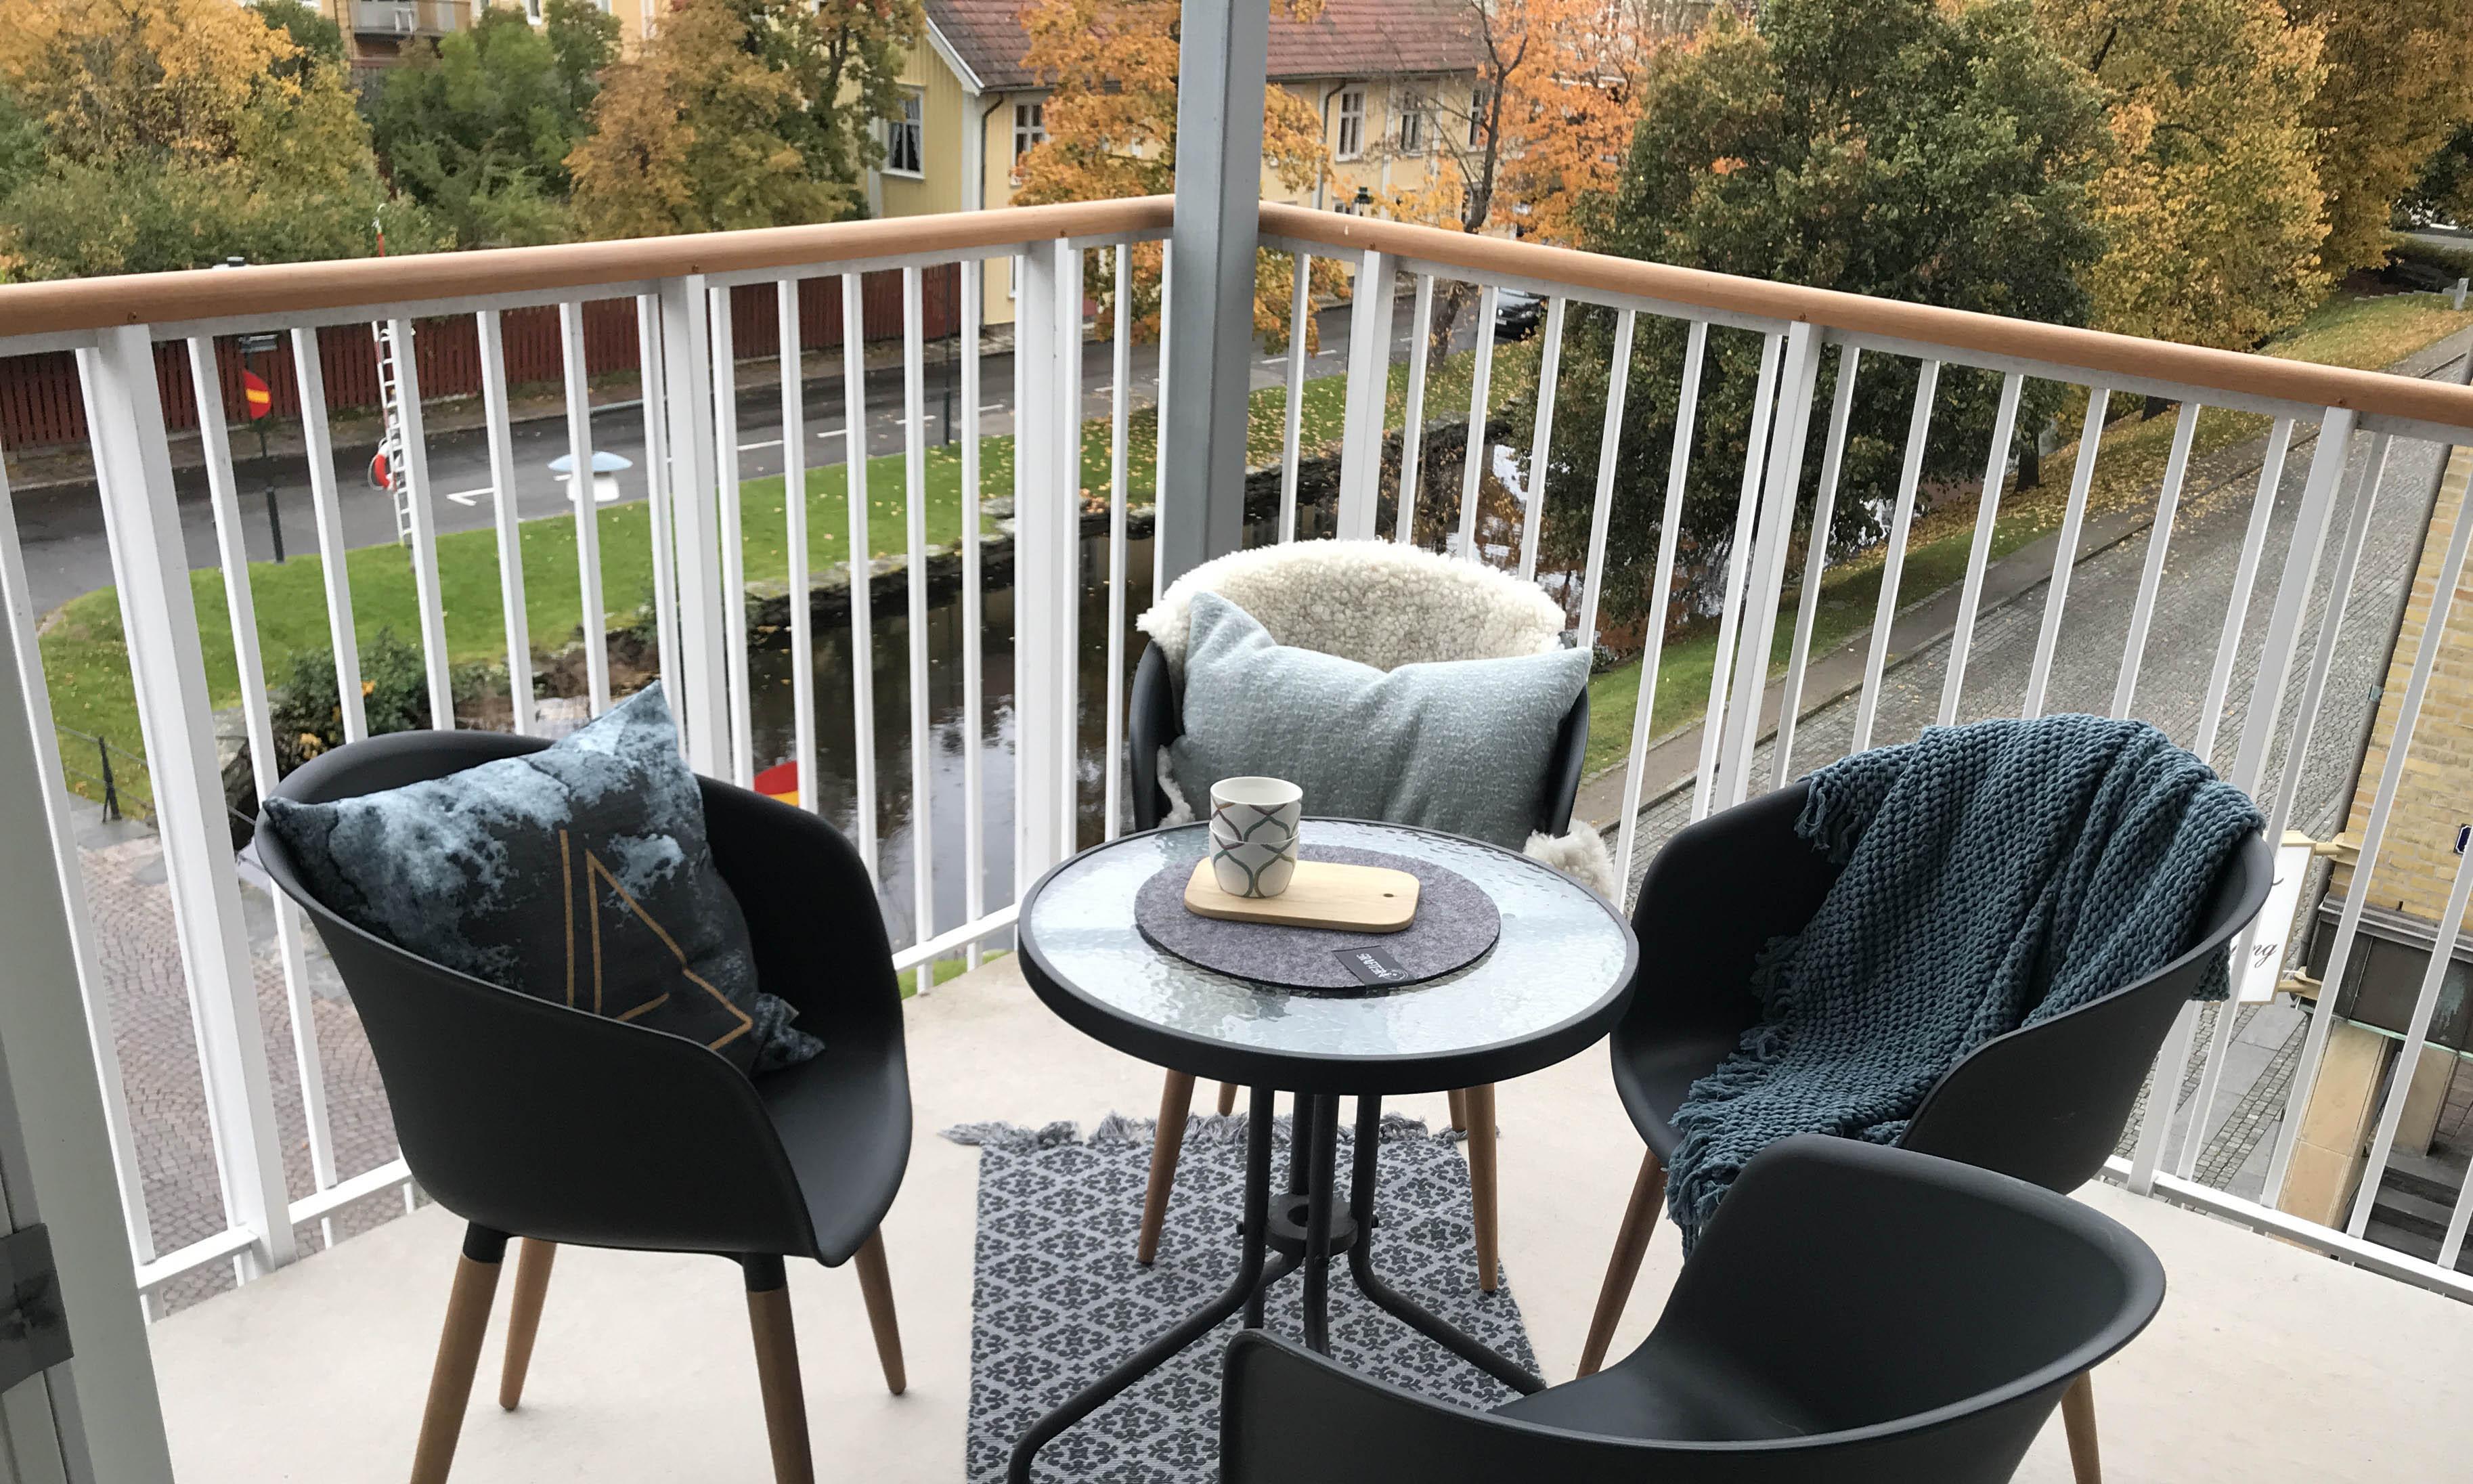 Stora steget till att bli digital nomad – sälja lägenheten